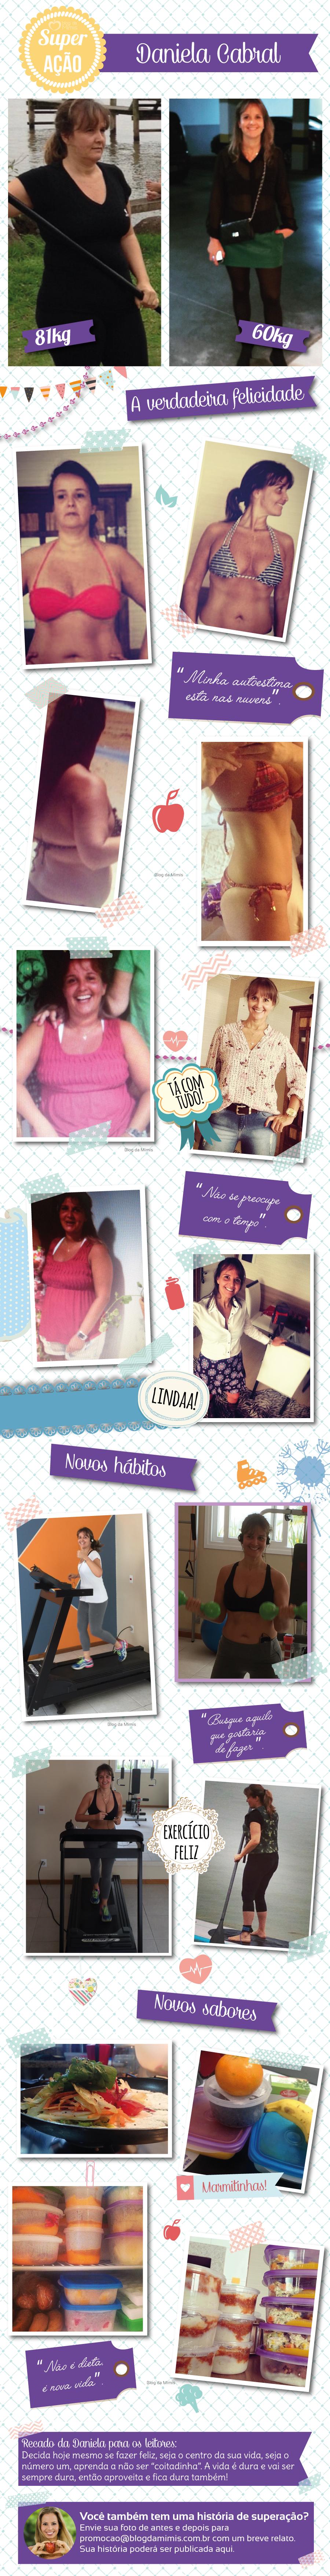 Superação Daniela: um novo estilo de vida e 21Kg a menos - Blog da Mimis #emagrecimento #dieta #diet #loseweight #cardápio #alimentação #corpo #antesedepois